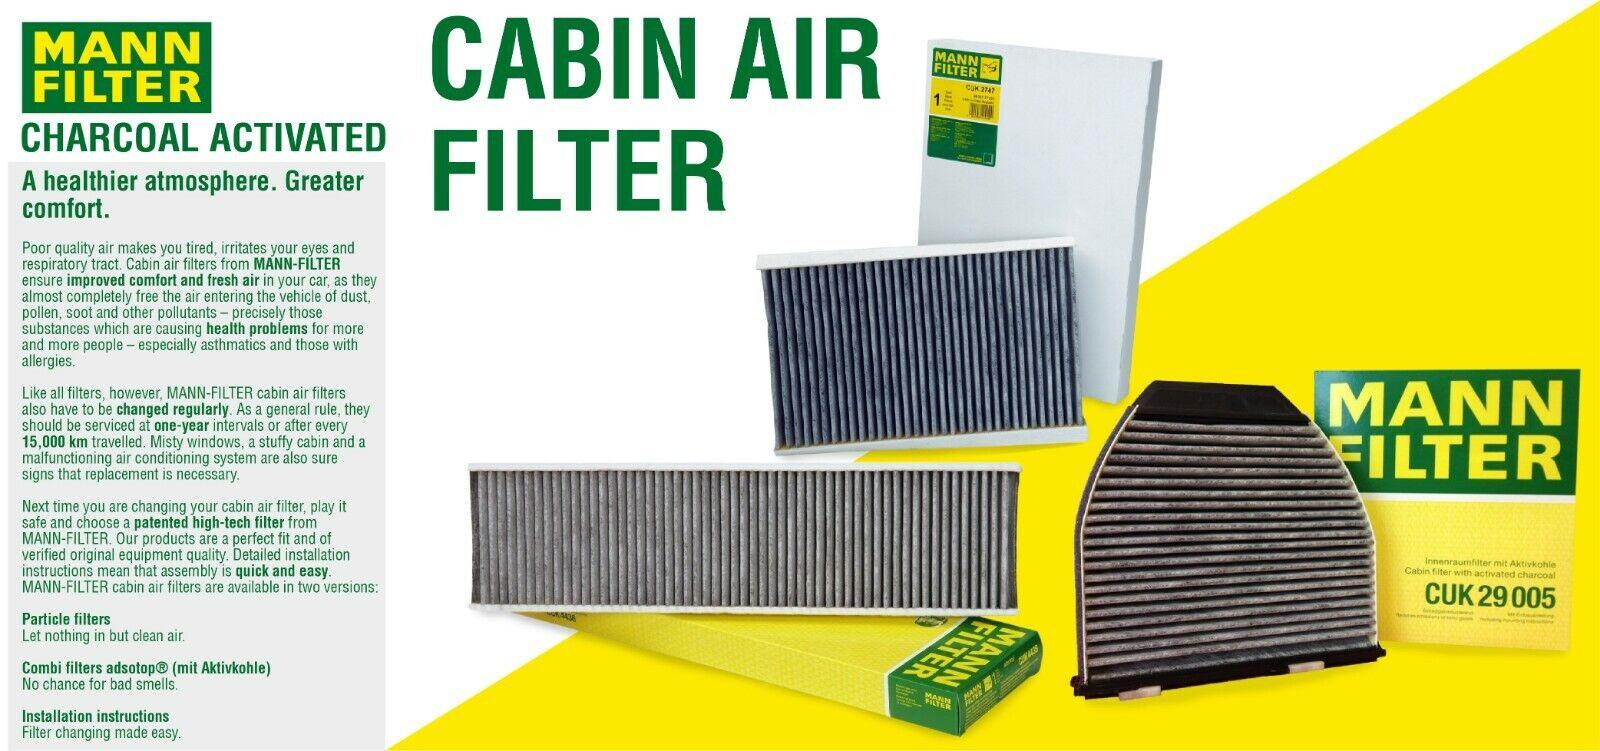 MANN-FILTER Pollen Filter for BMW X6 CUK 2941-2 Discount Car Parts